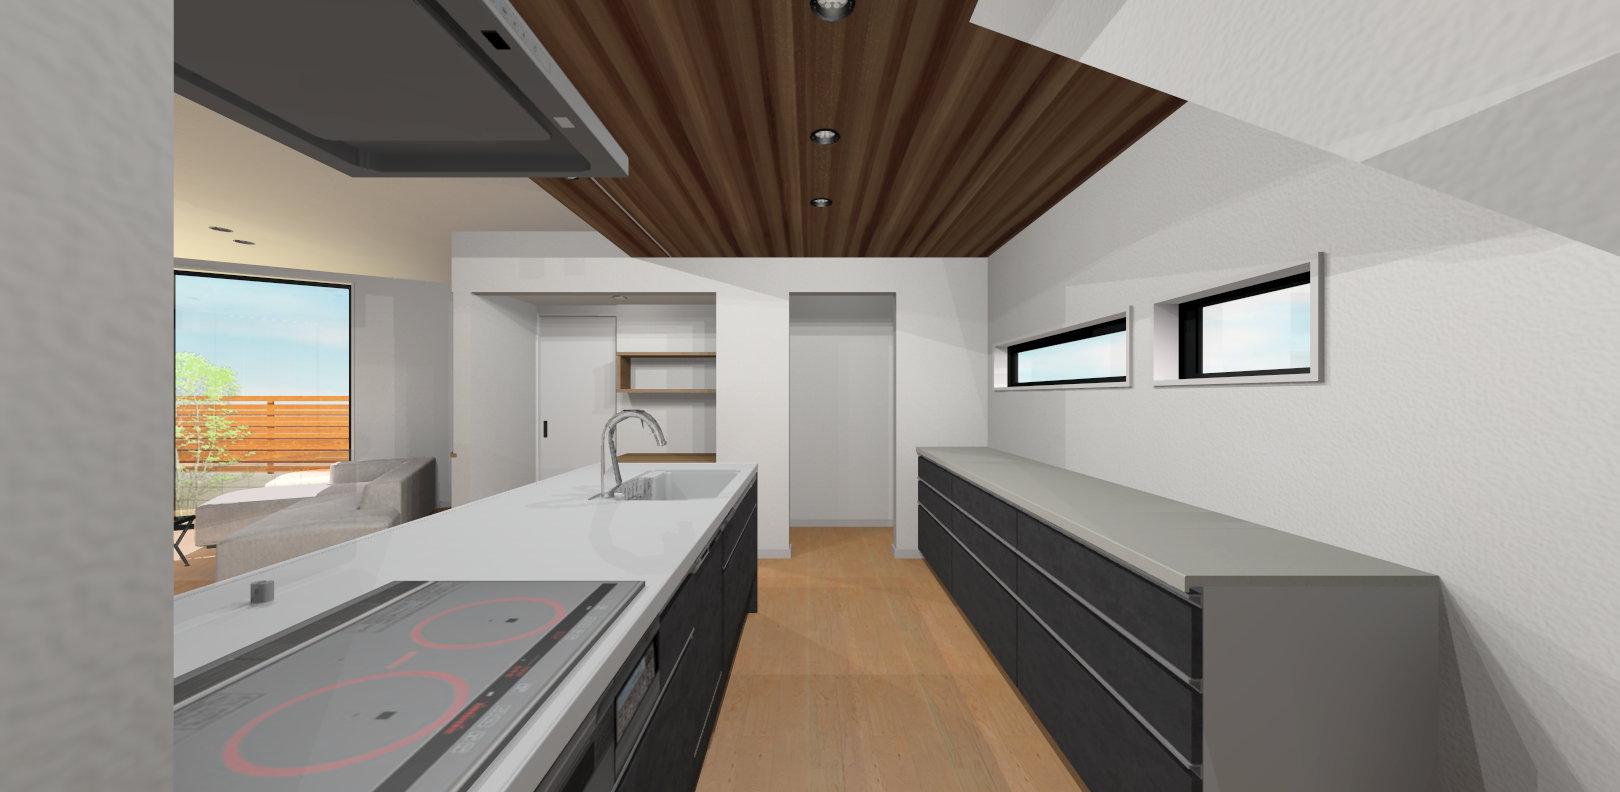 【Kitchen】(イメージ画像)